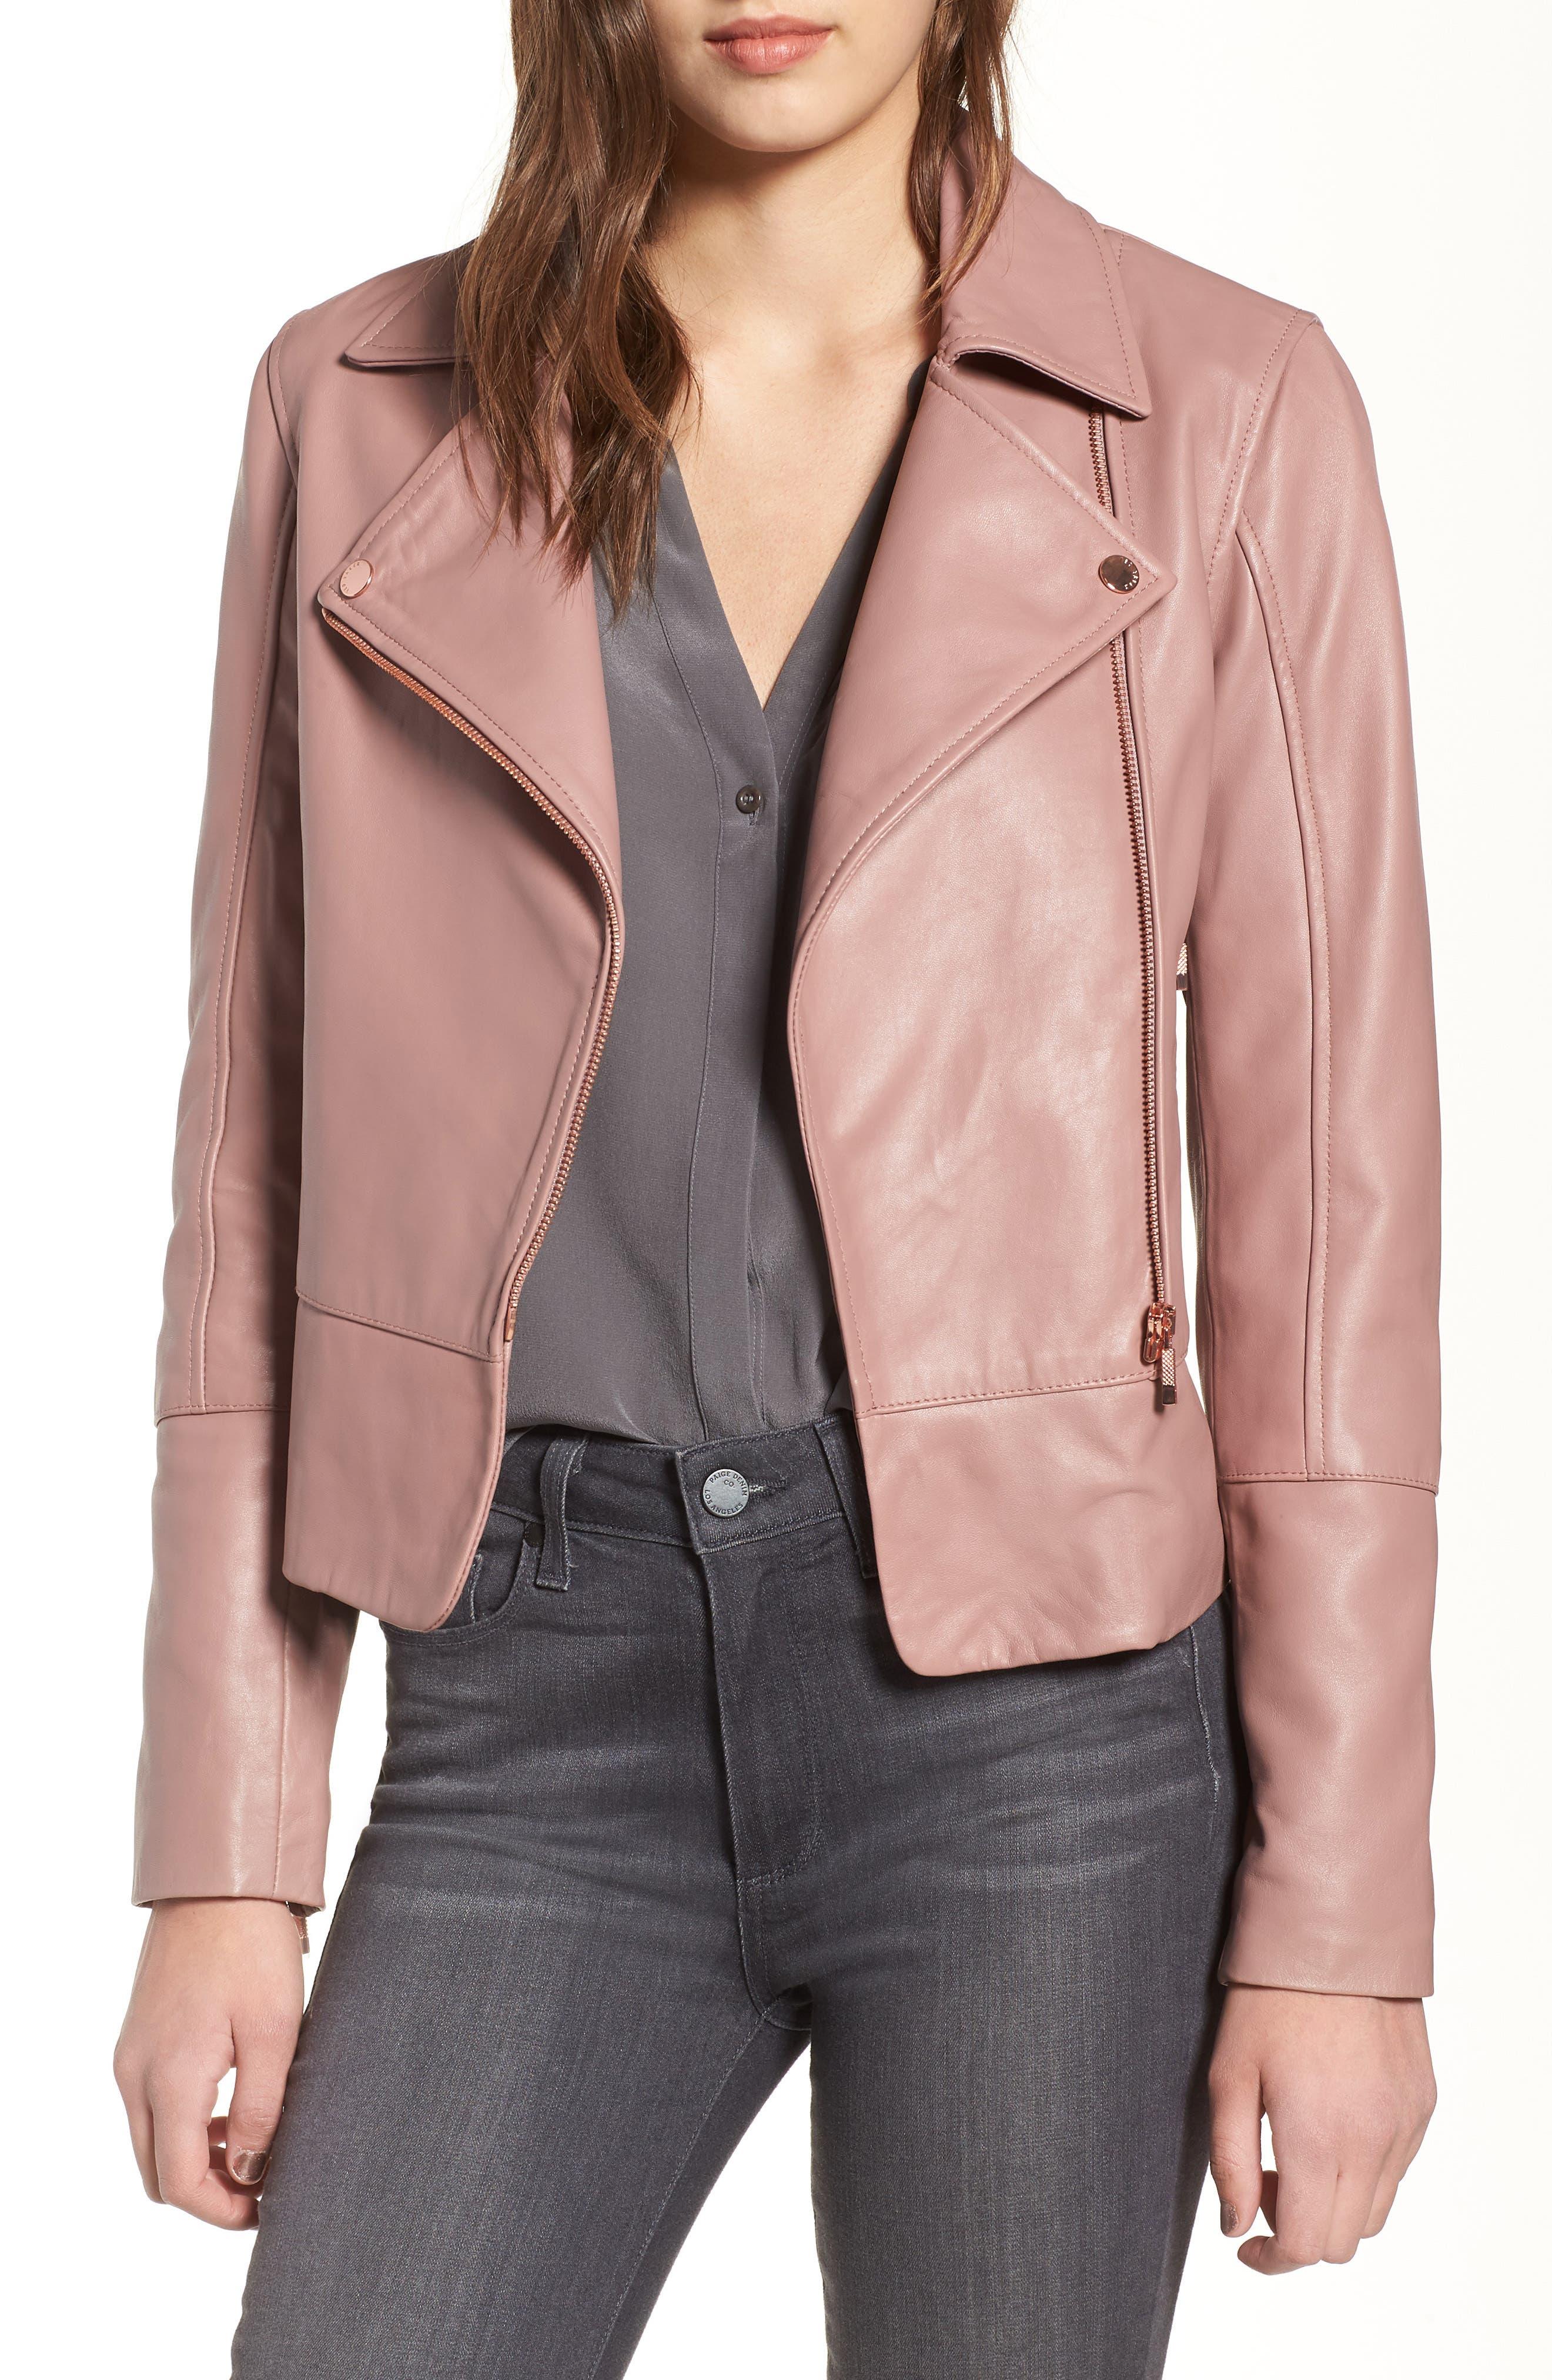 Lizia Leather Biker Jacket,                             Main thumbnail 1, color,                             Dusky Pink